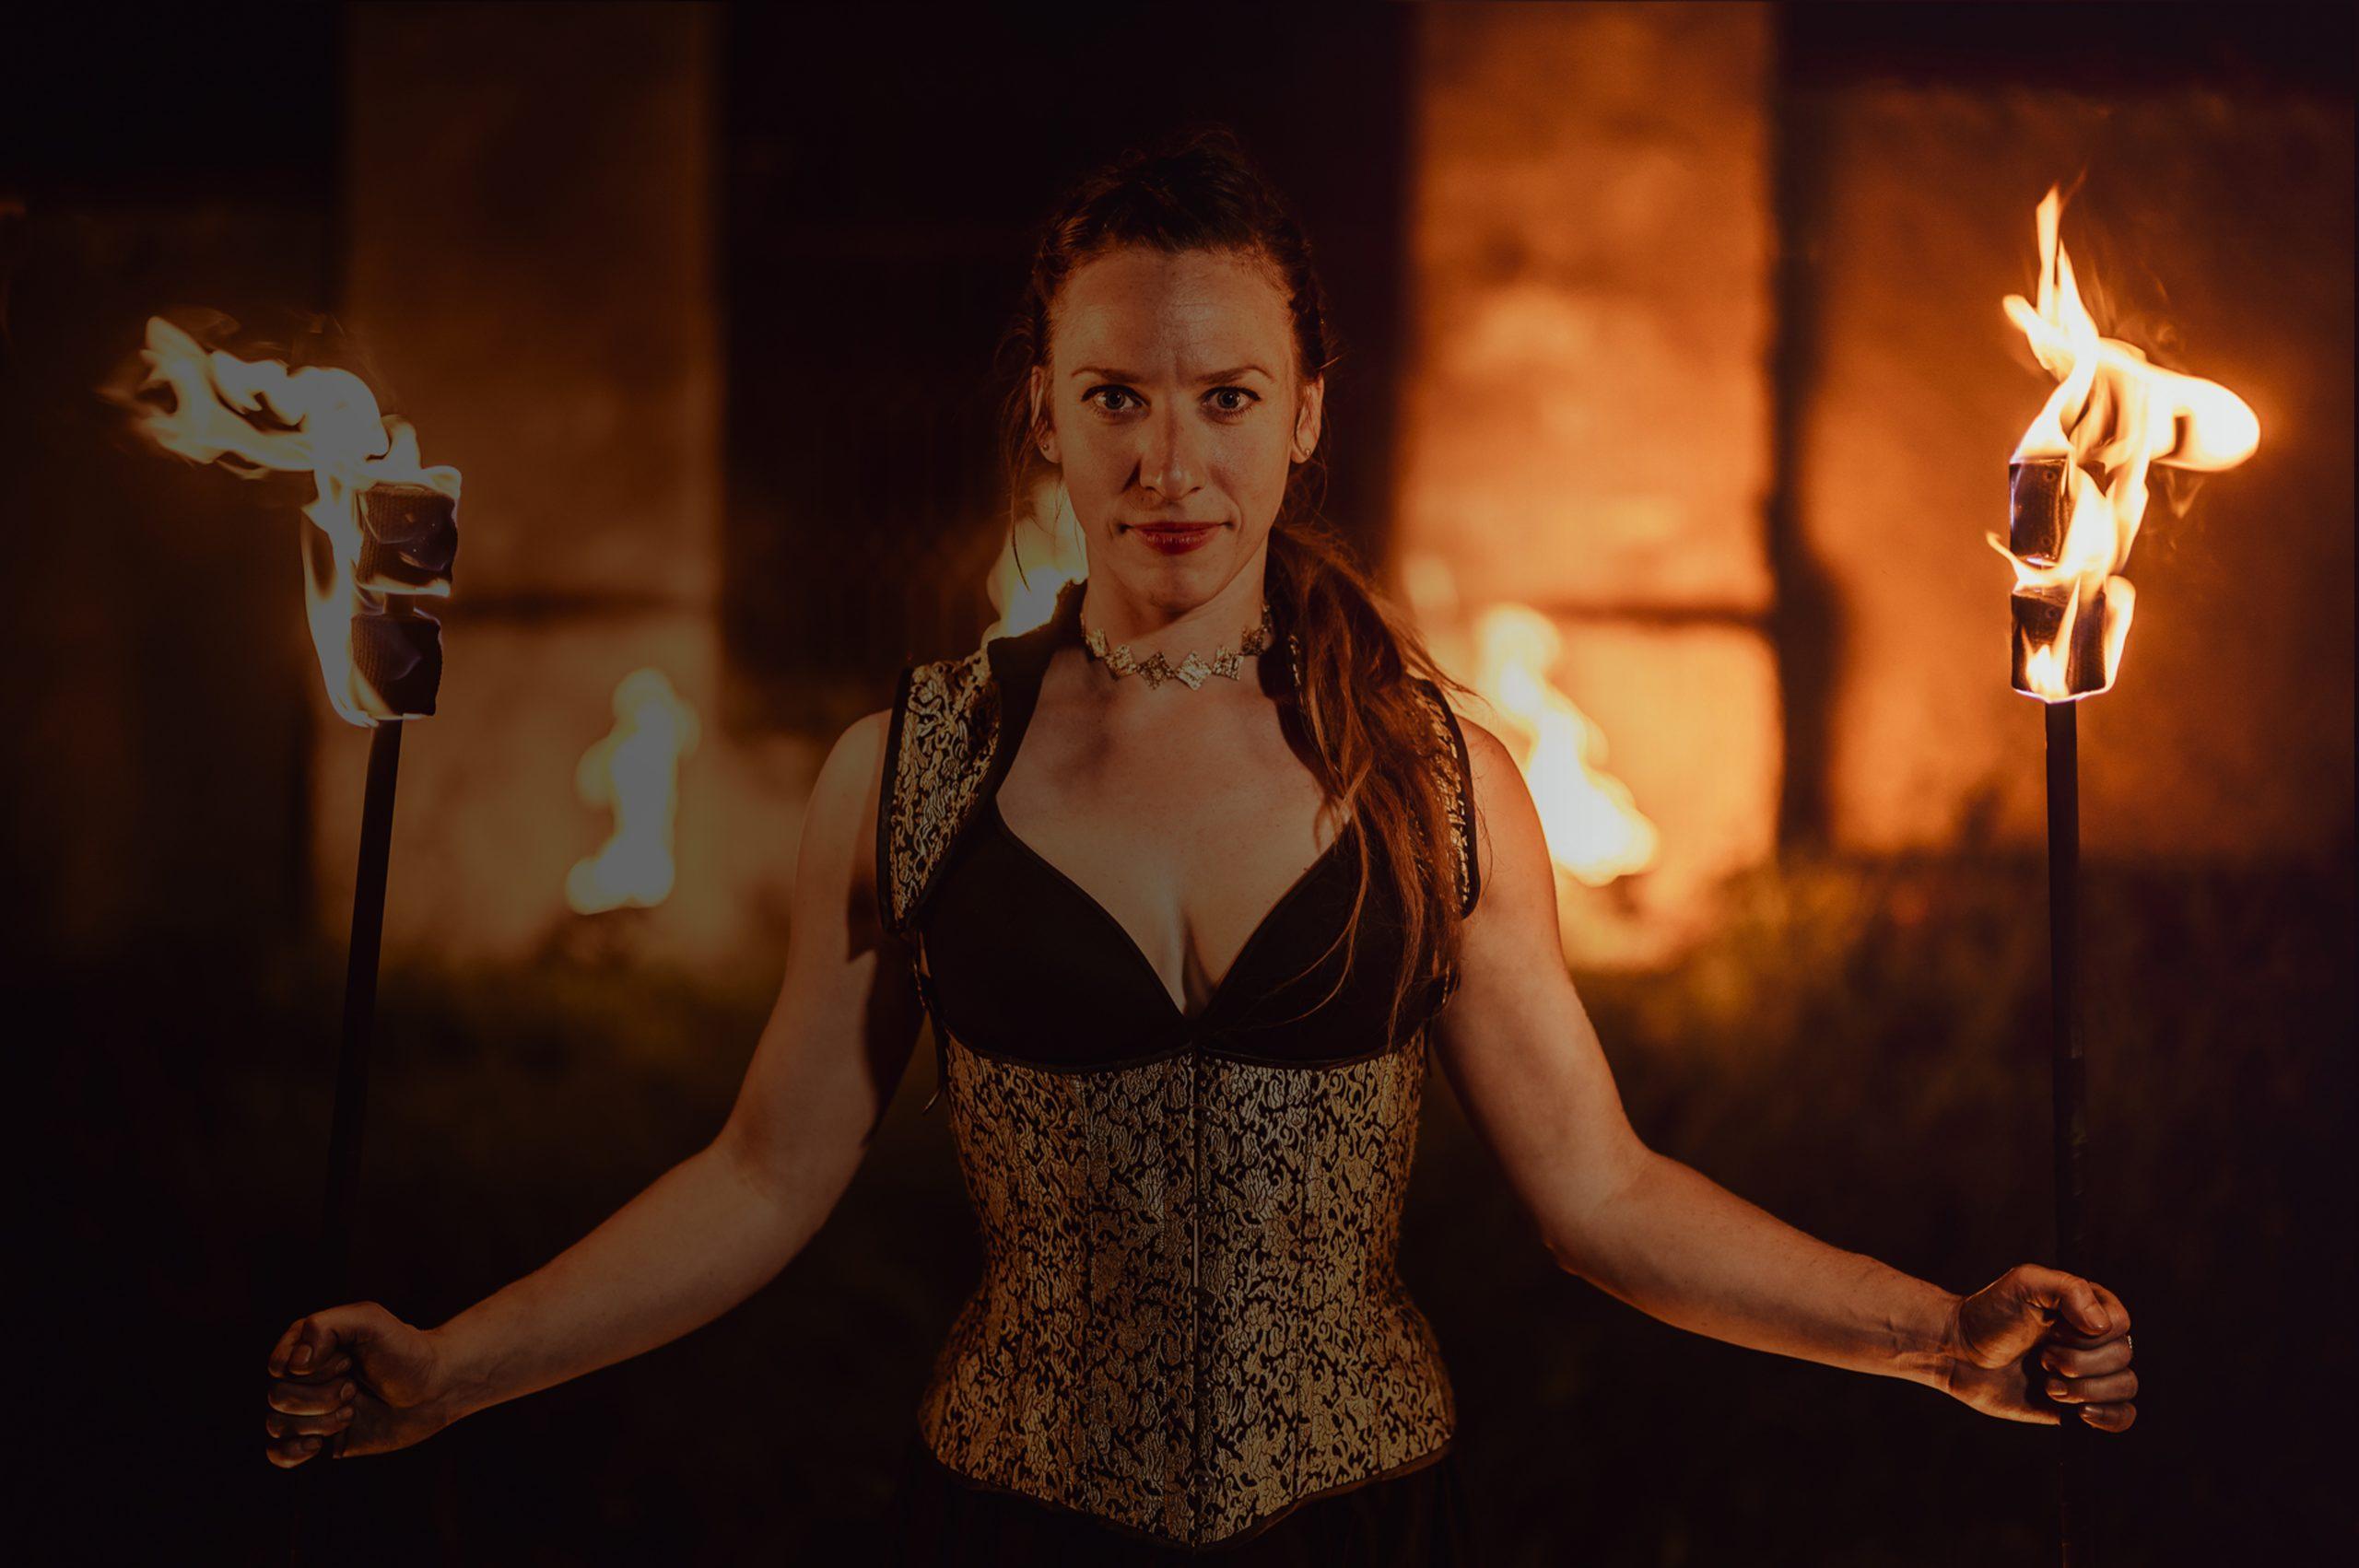 Ilusias fireshow - The Game